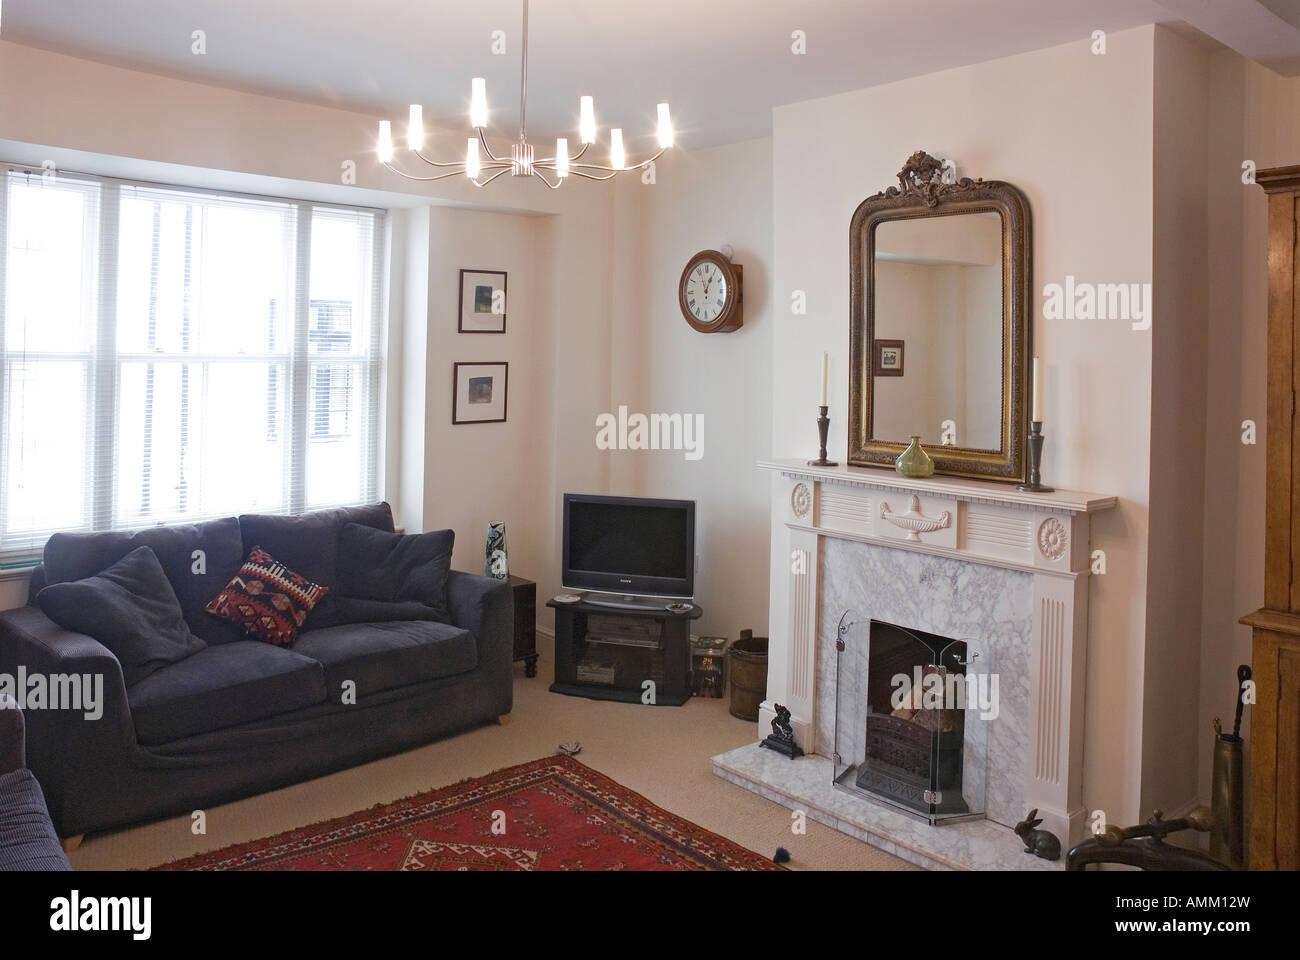 Miroir Salle De Sejour salle de séjour avec cheminée et miroir banque d'images